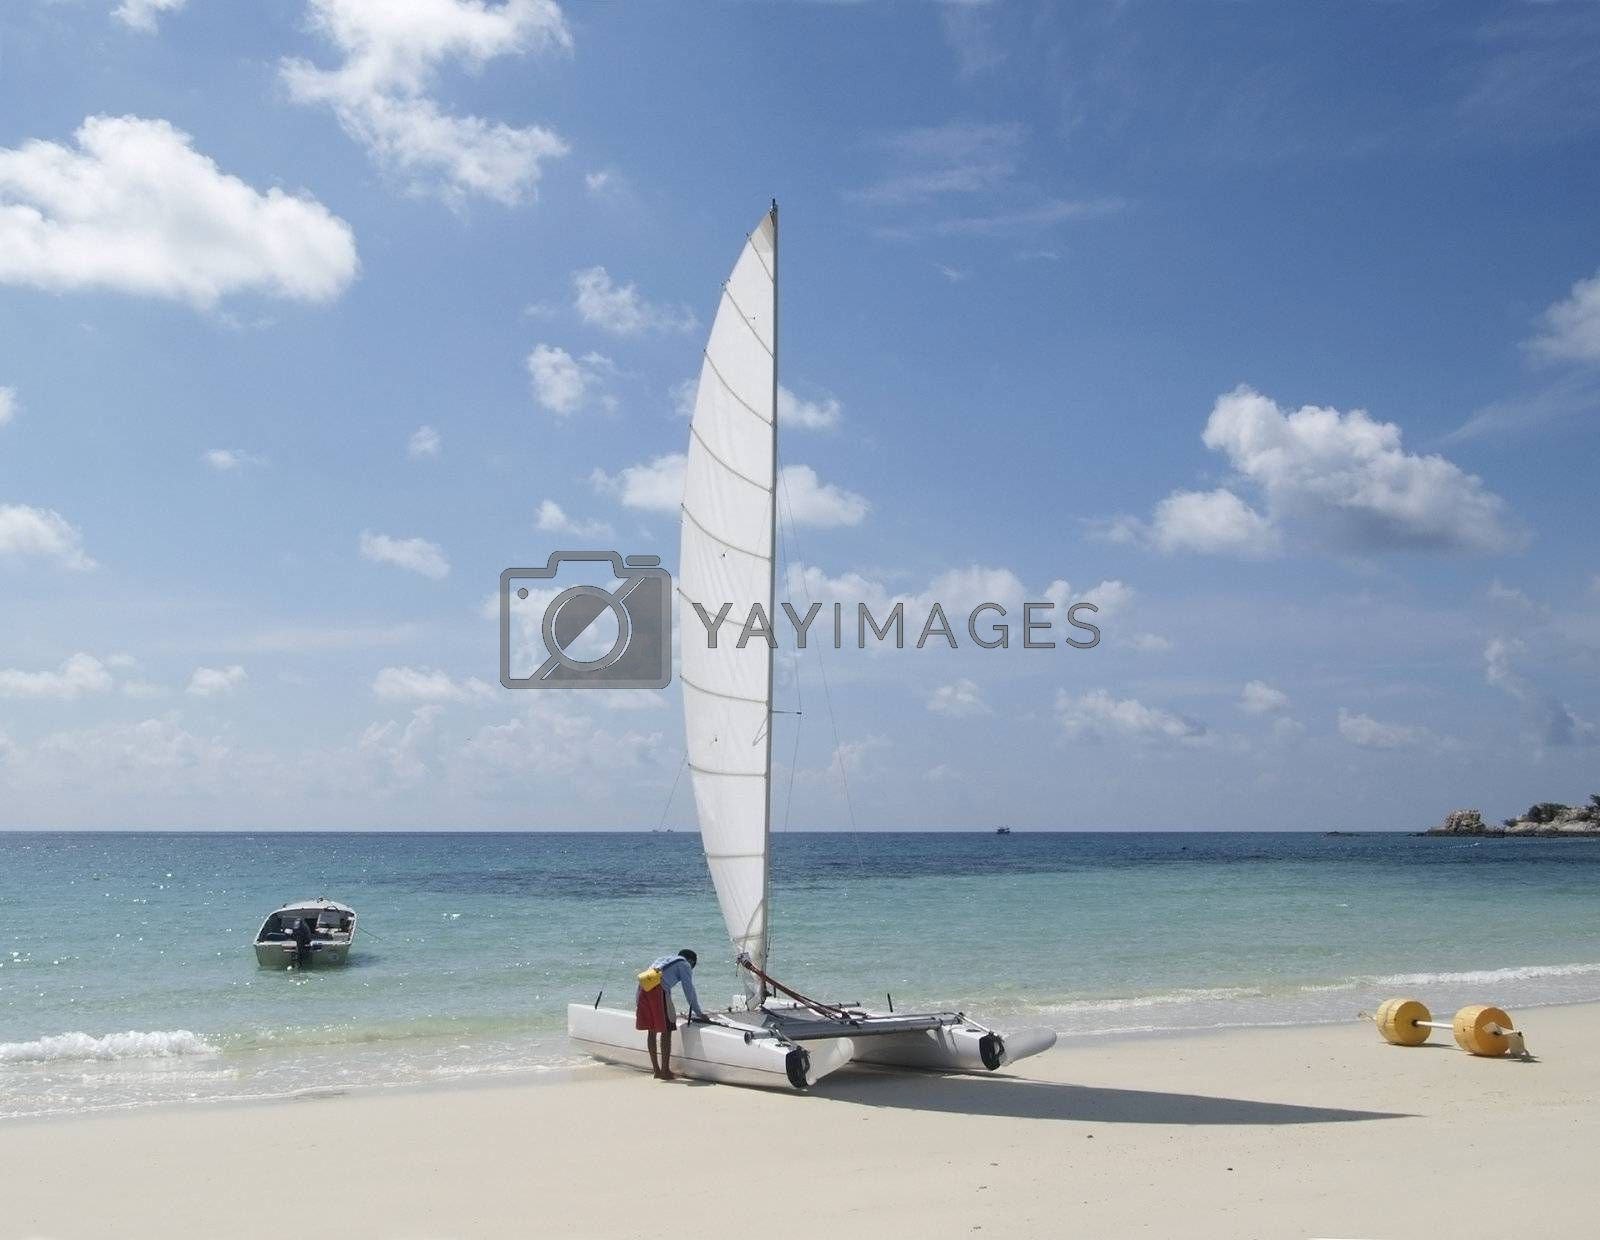 Preparing a catamaran by epixx